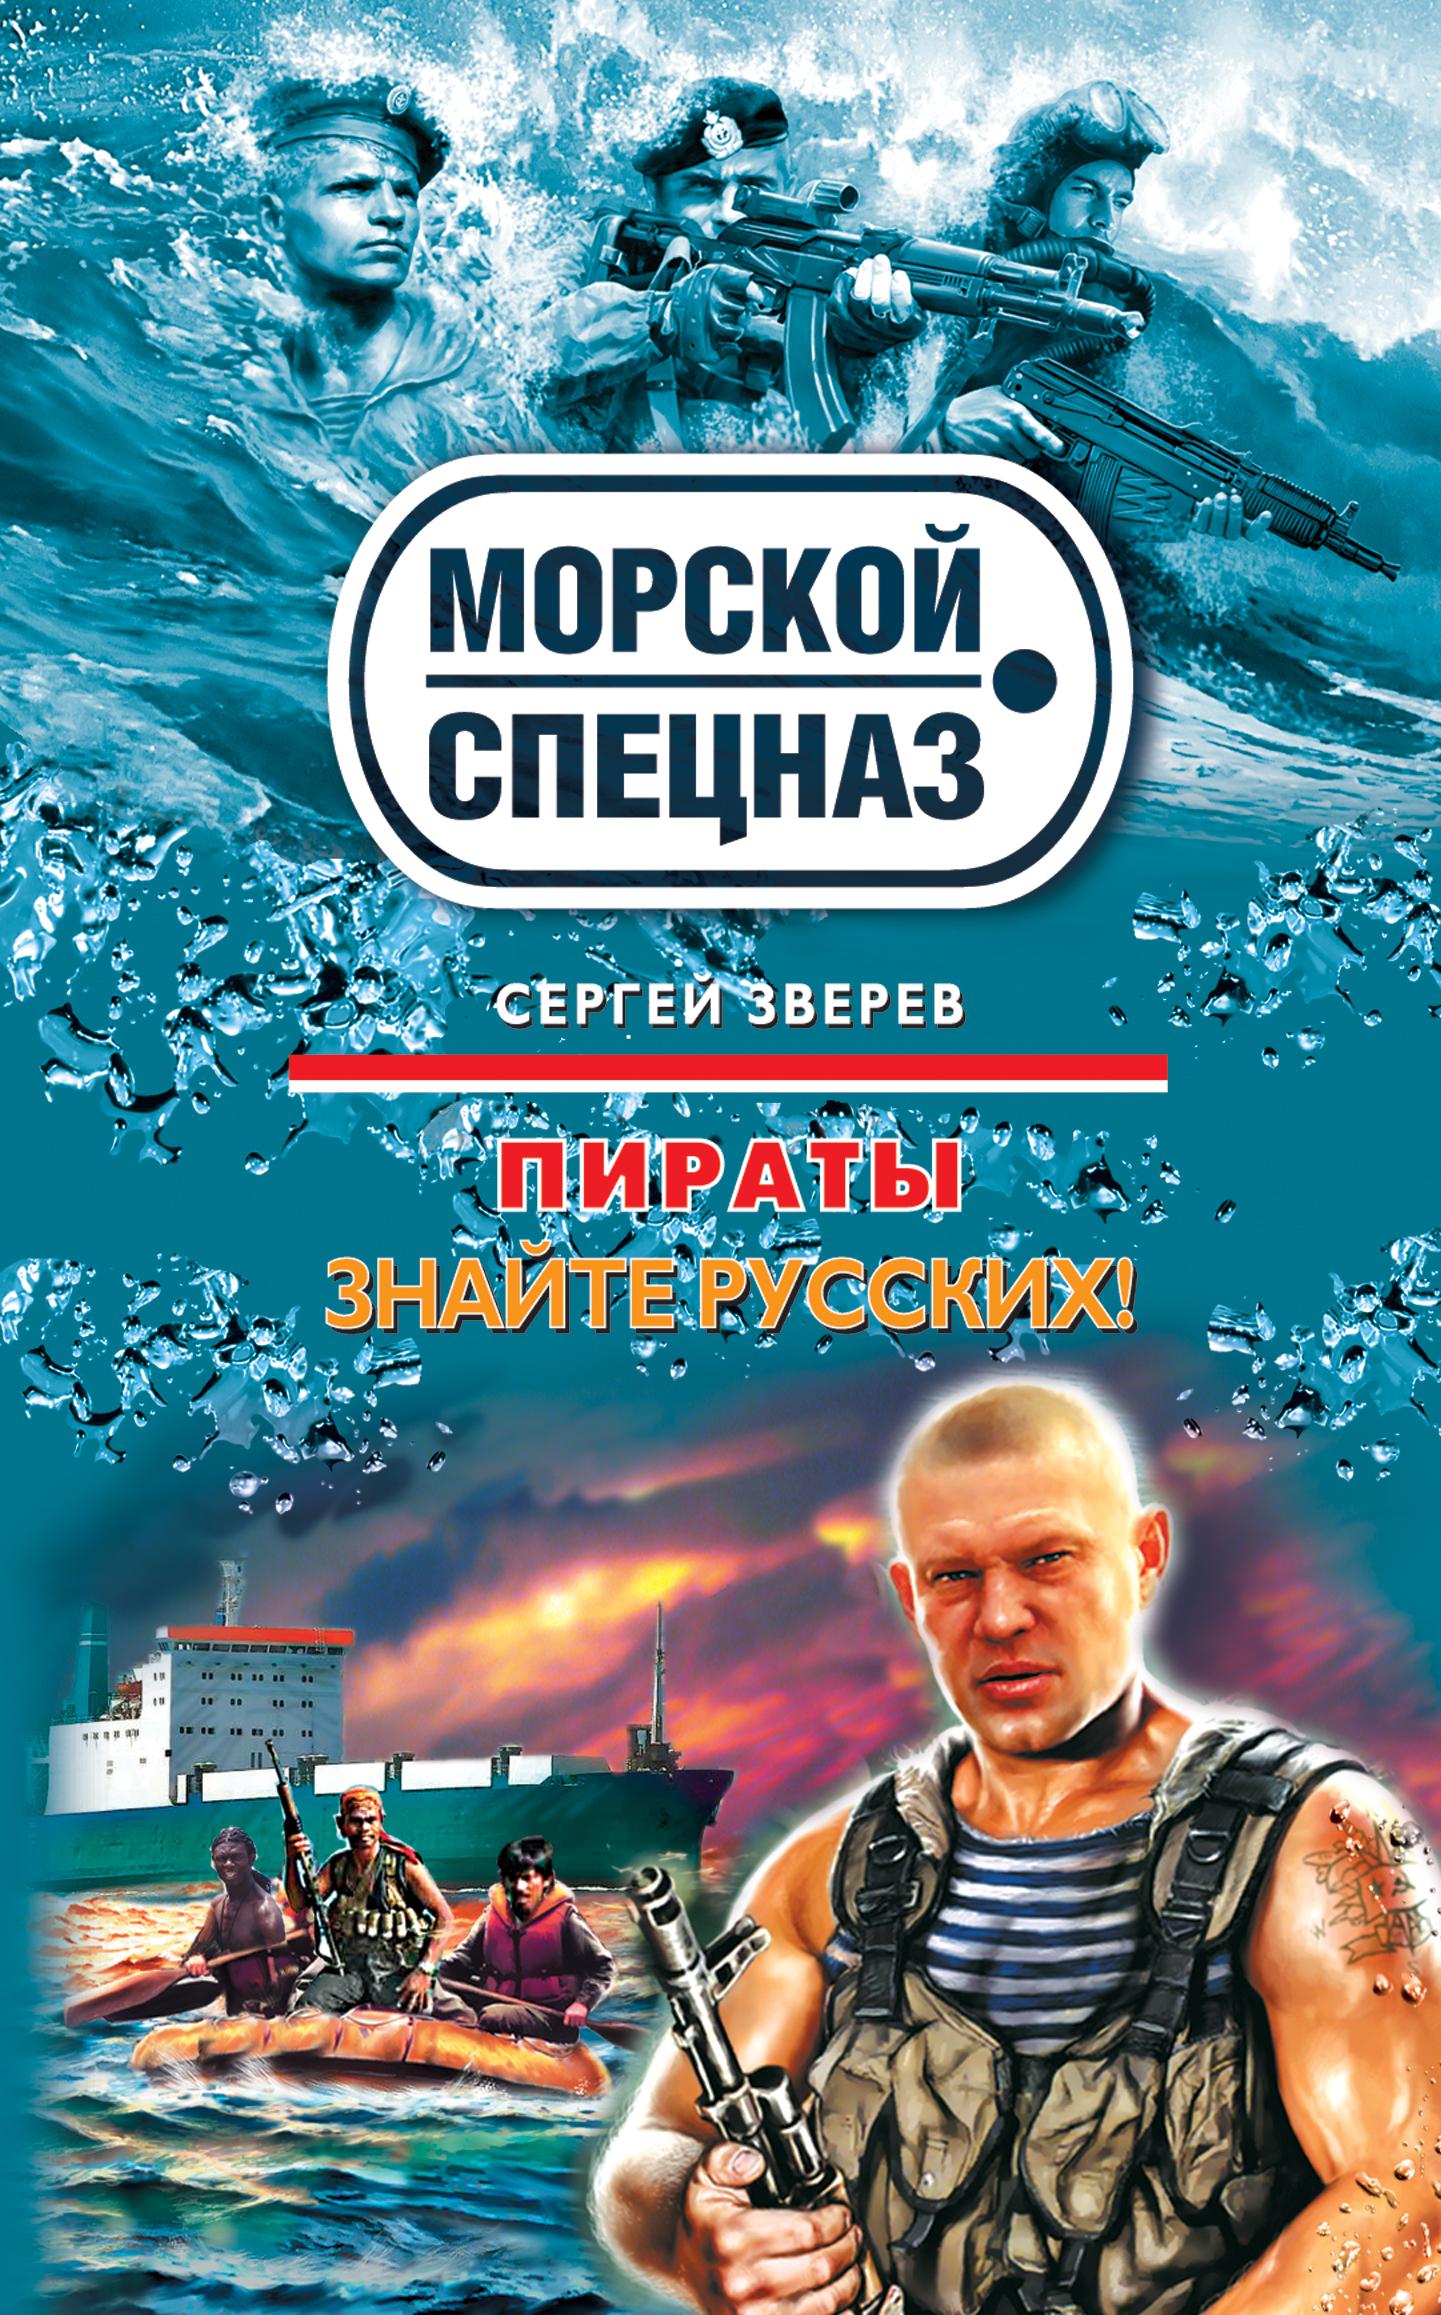 Сергей Зверев Знайте русских! зверев с пираты знайте русских